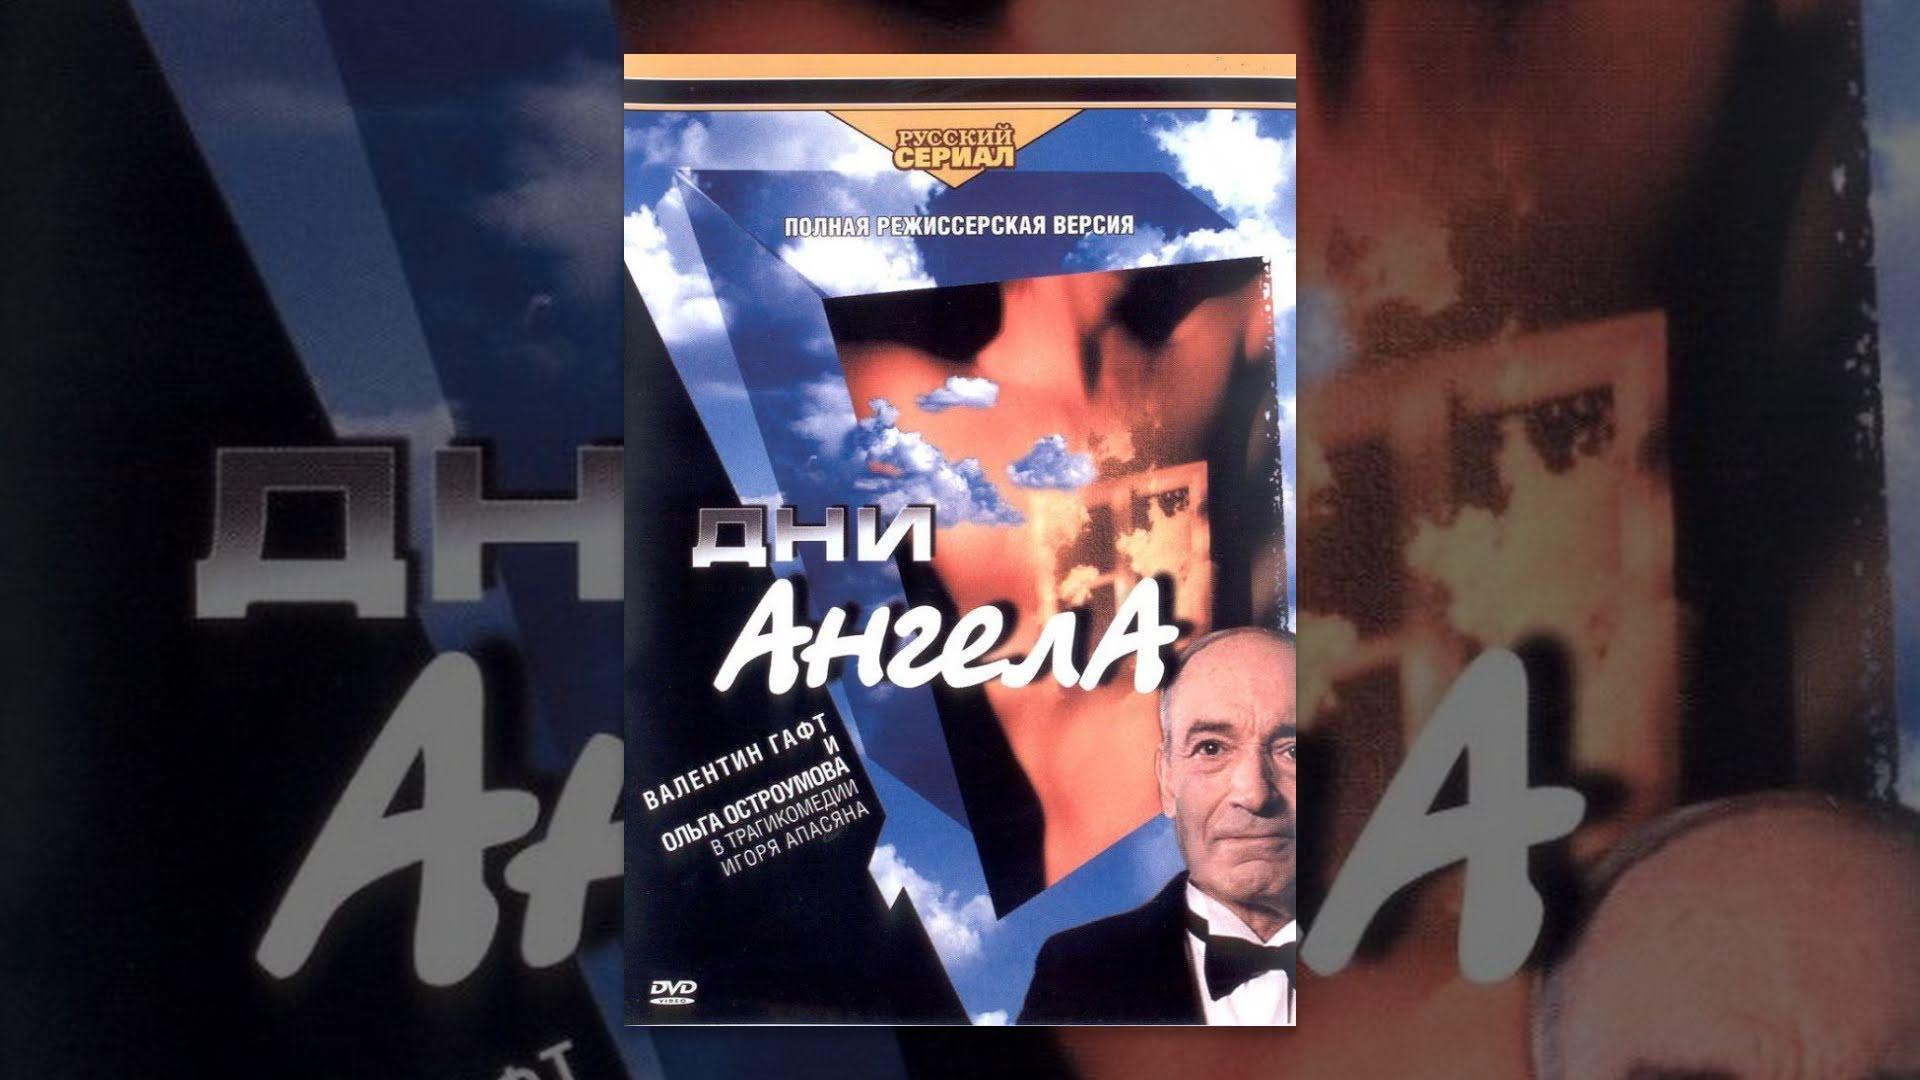 русский ангел фильм второй все серии смотреть онлайн